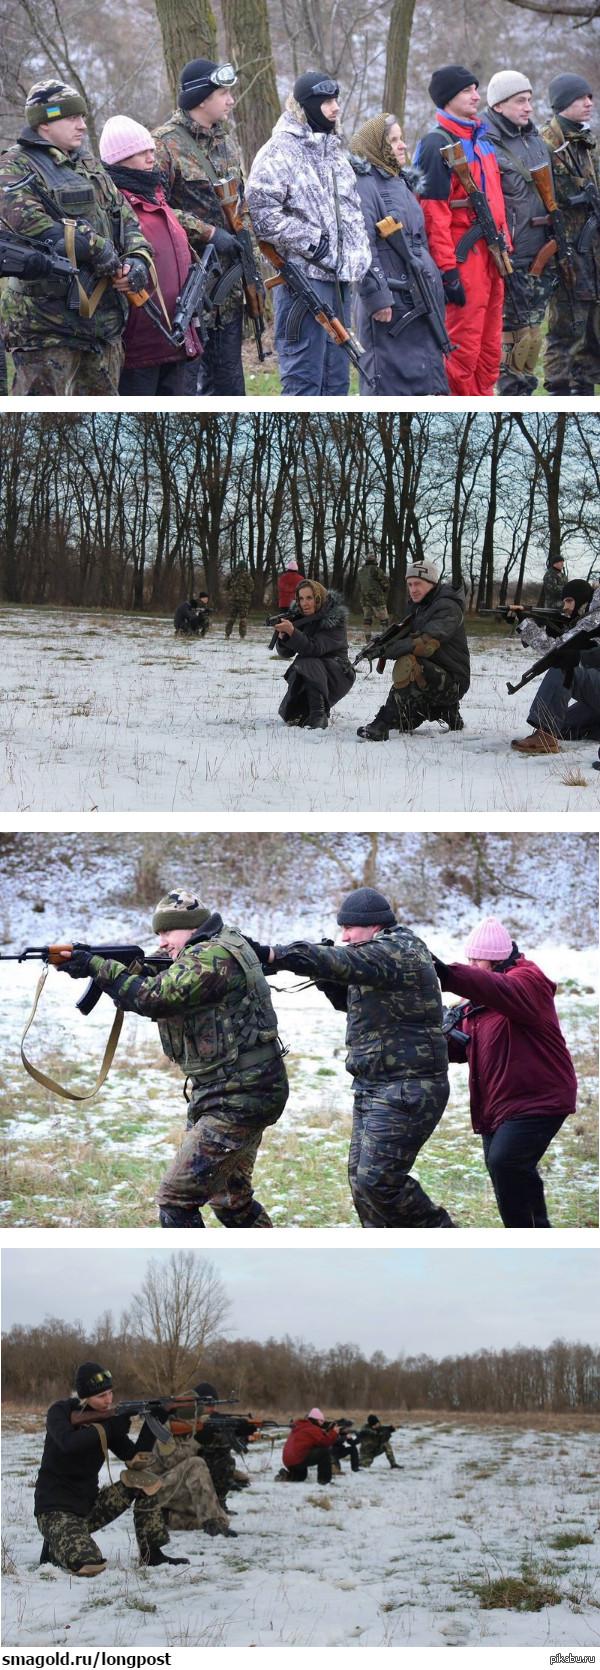 Очередная незалежная перемога. Пенсназ. Фото с военных курсов, проходивших в г. Жидачов Львовской области 10-11 января